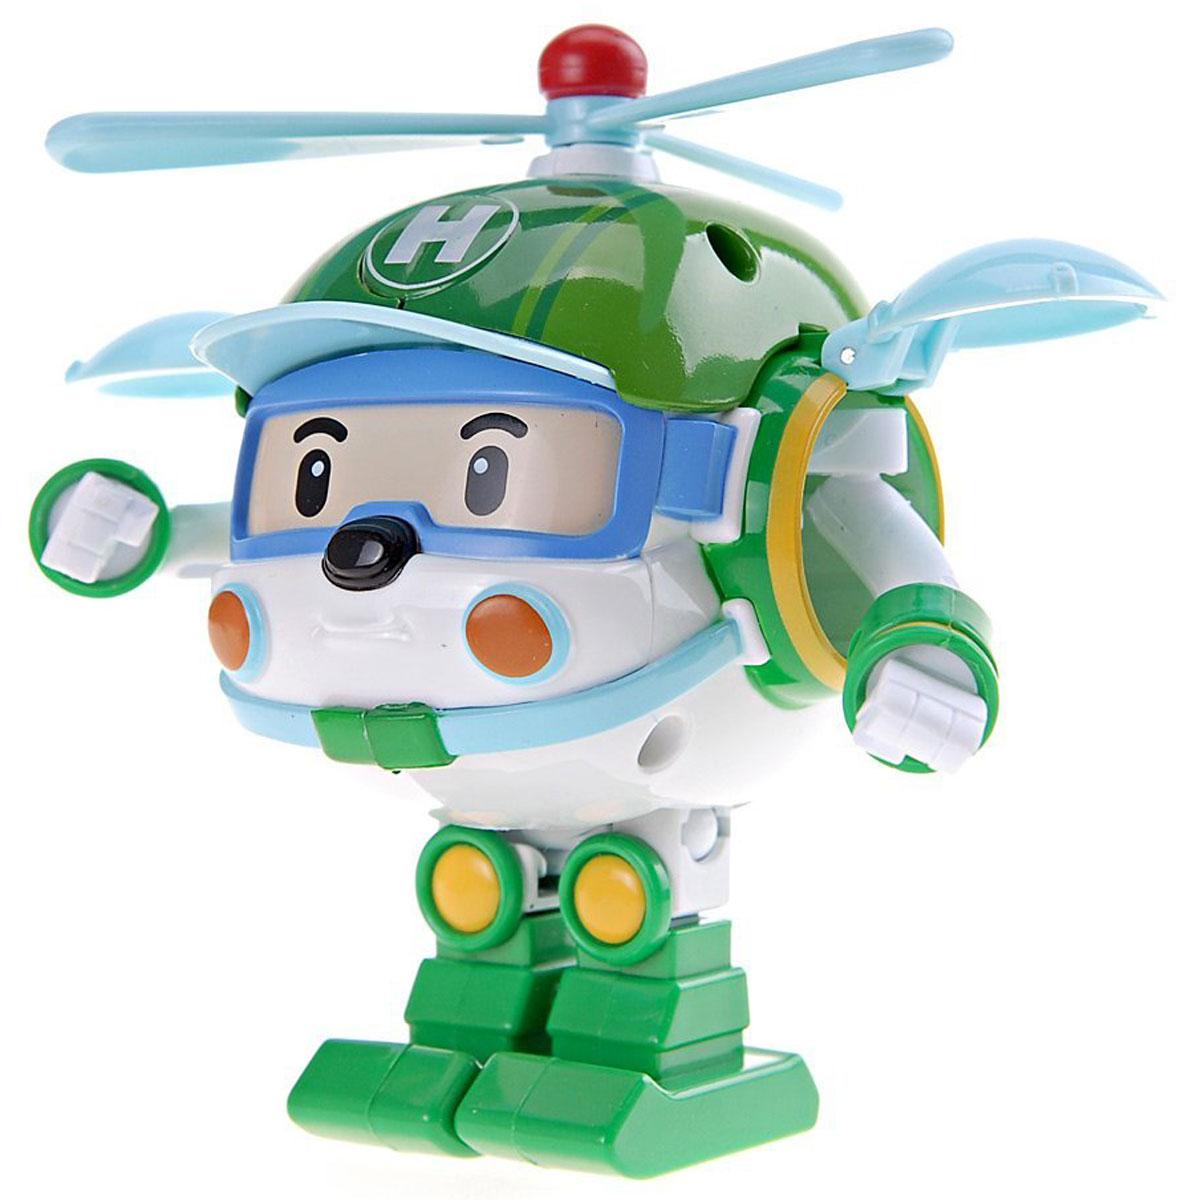 Robocar Poli Игрушка-трансформер Хэли 10 см83169Игрушка-трансформер Хэли не оставит равнодушным вашего малыша. Она выполнена из прочного пластика в виде вертолета-спасателя Хэли - персонажа мультфильма Робокар Поли и его друзья. Он всегда готов трансформироваться из робота в вертолет и вылететь на помощь любому жителю городка Брумстаун. Ваш ребенок с удовольствием будет играть с трансформером, придумывая разные истории. Порадуйте его таким замечательным подарком! Характеристики: Высота робота: 10 см. Размер упаковки: 13 см x 13 см x 17 см. Изготовитель: Китай.